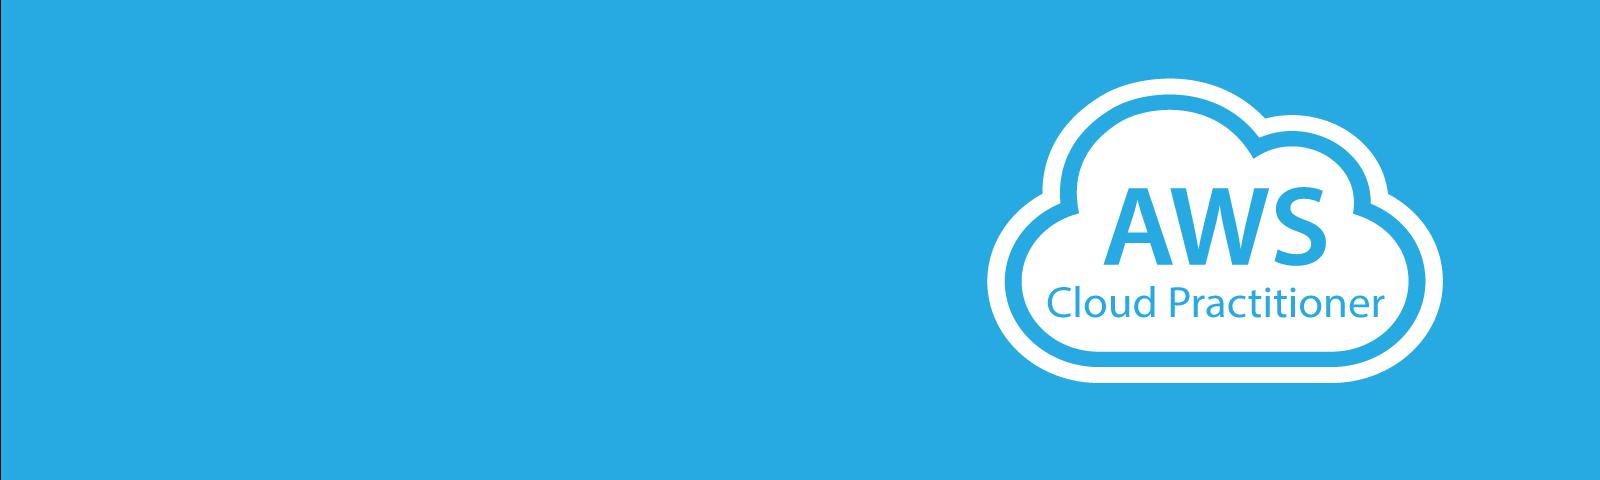 AWS-CP-banner-2